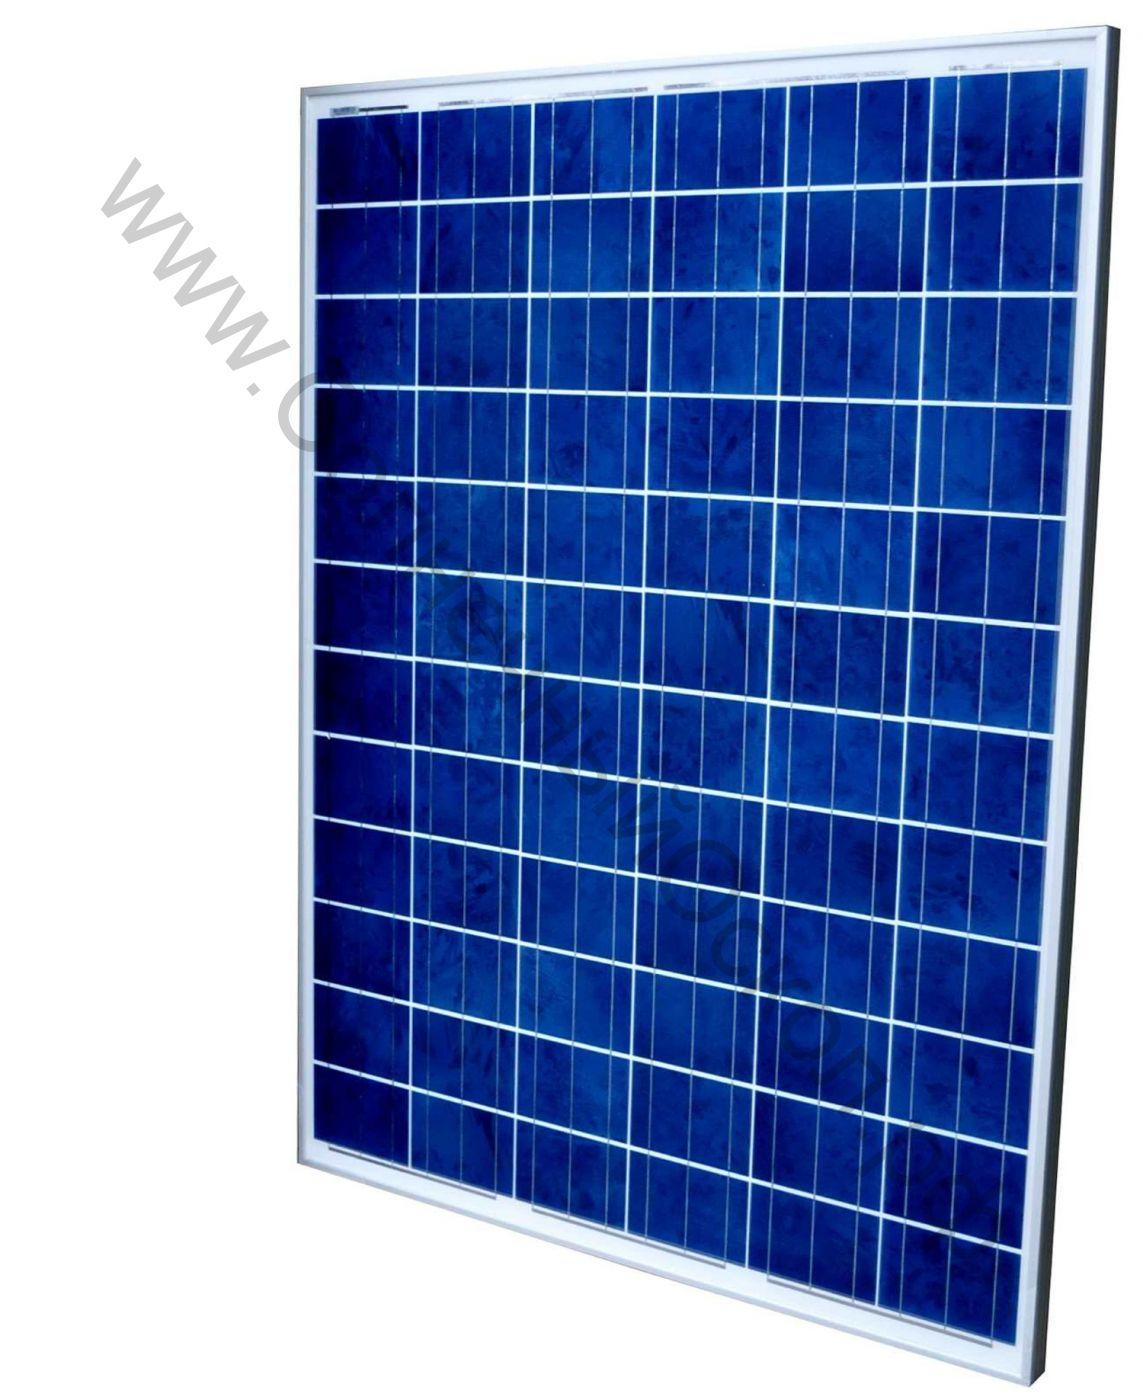 Поликристаллическая солнечная панель WDNY-290P72